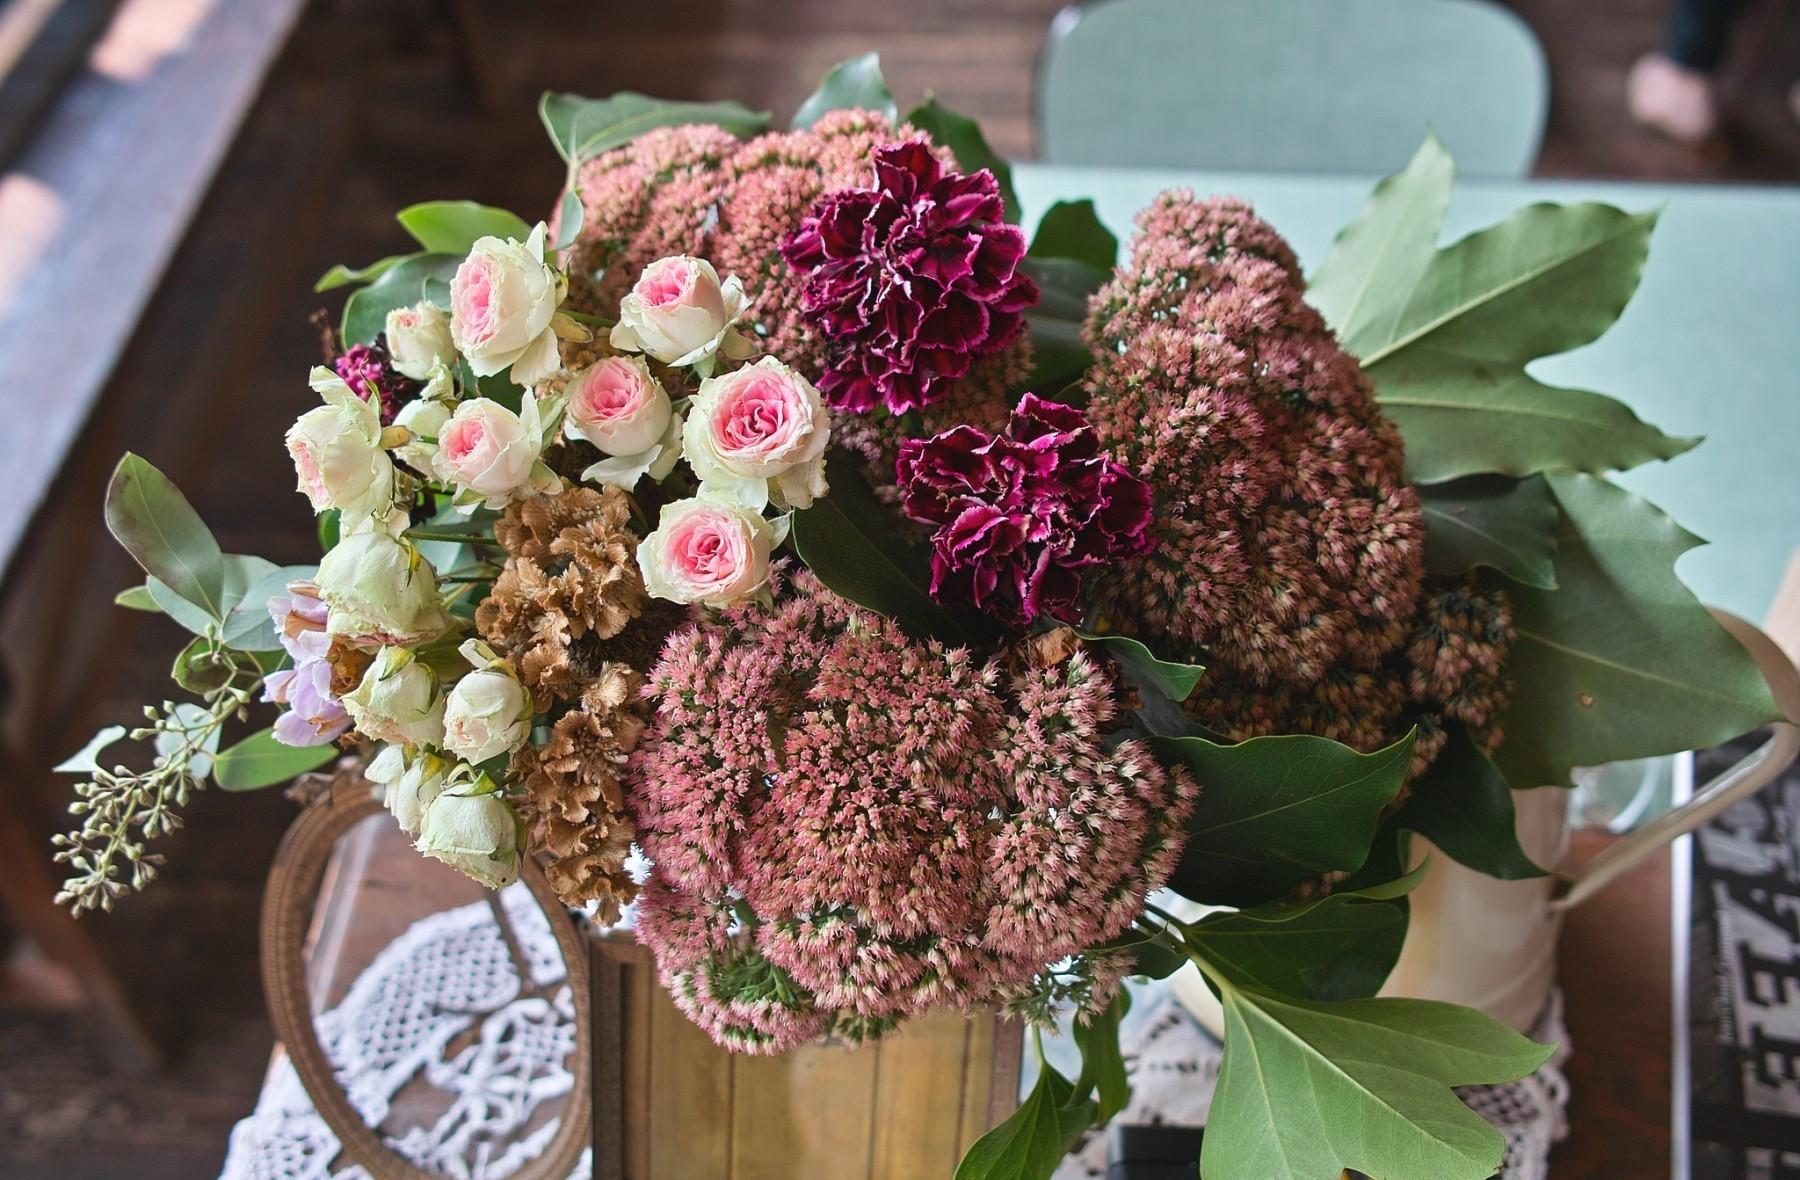 85151 скачать обои Цветы, Гвоздики, Букет, Листья, Стол, Салфетка, Розы - заставки и картинки бесплатно